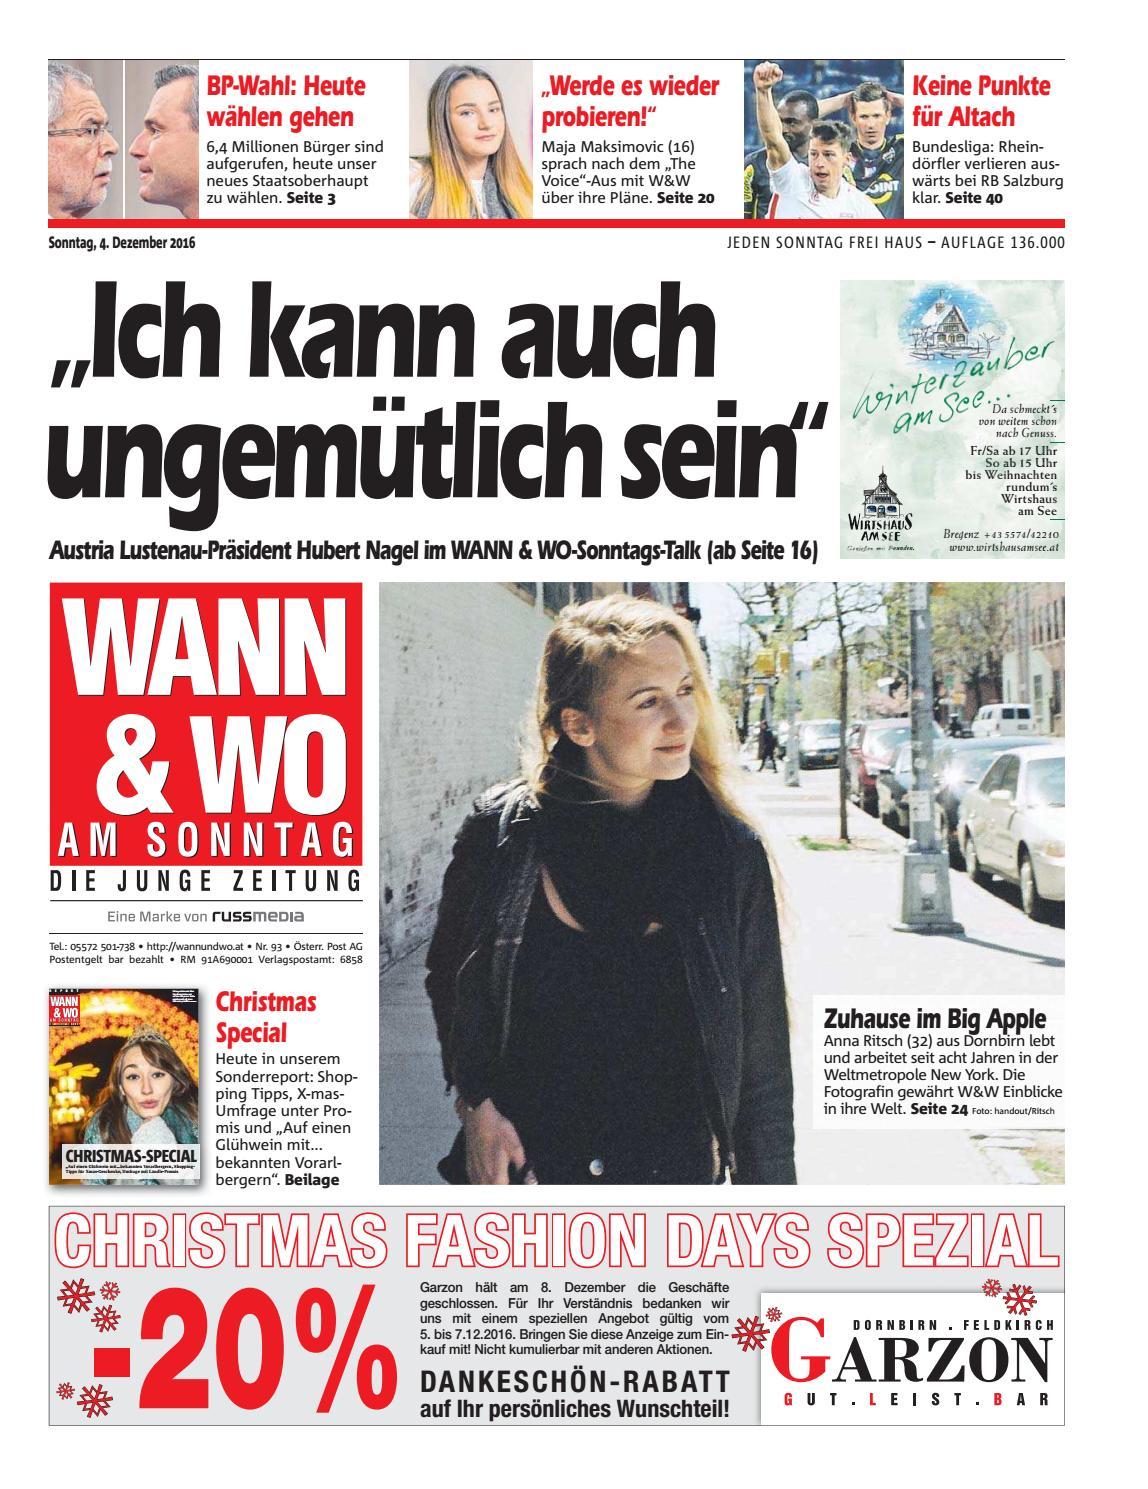 black escort berlin sex ravensburg